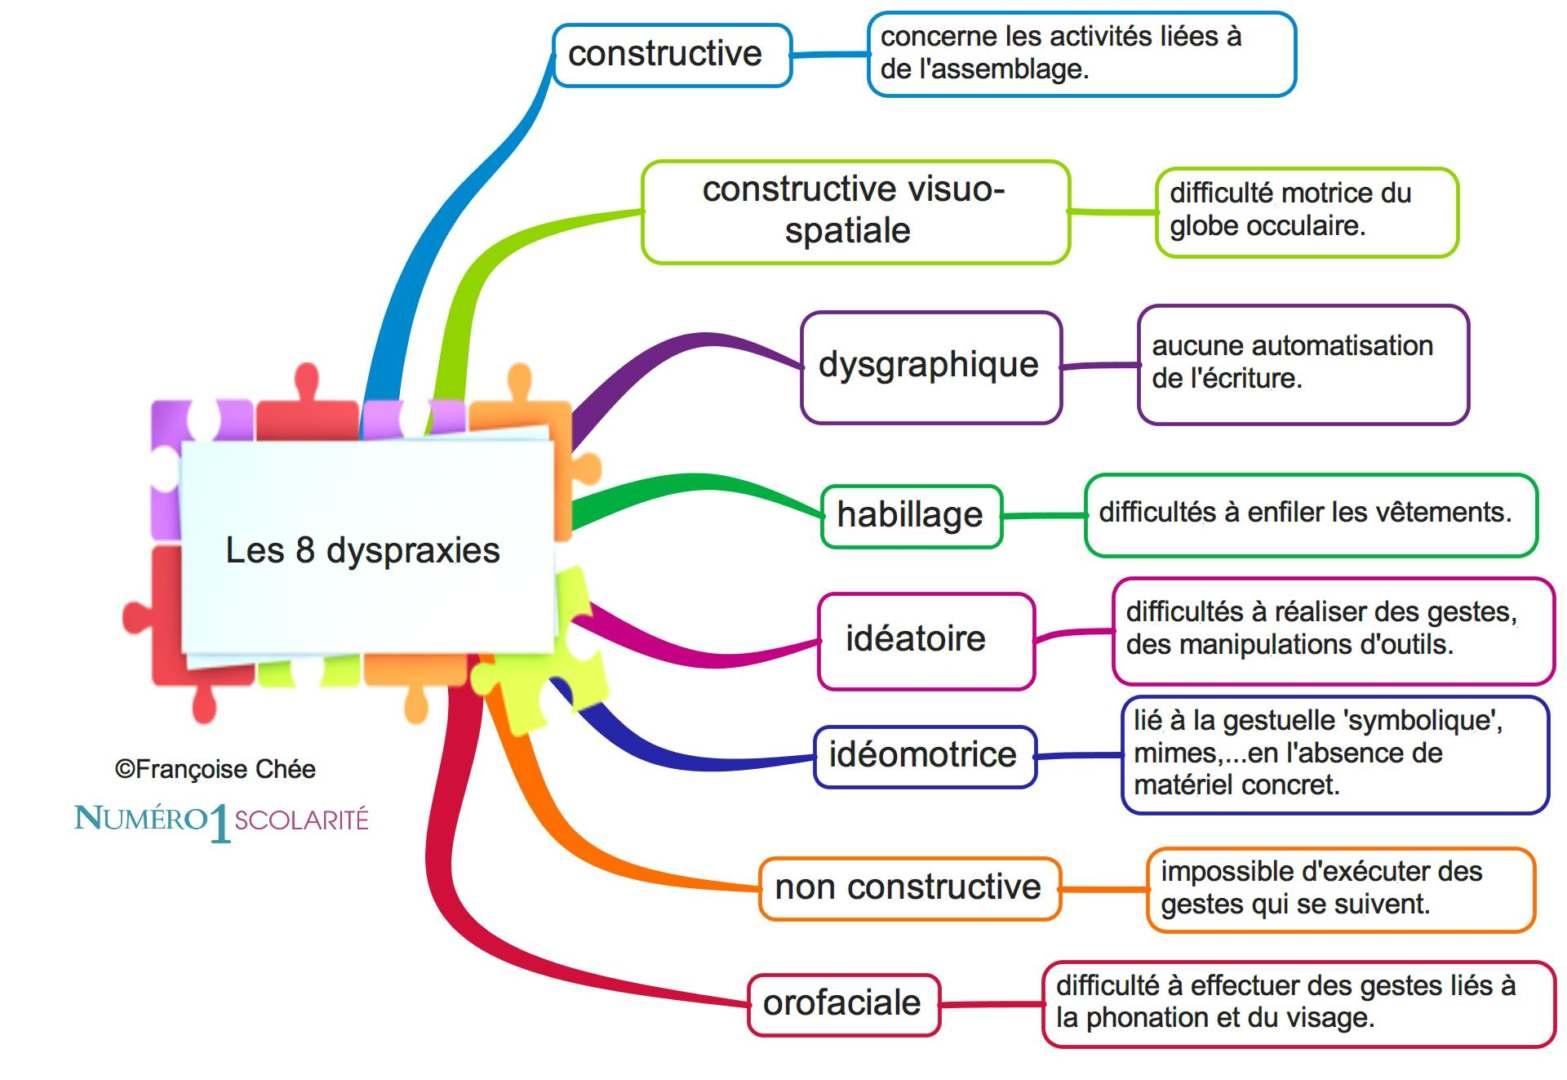 Les dyspraxies qu'est ce que c'est? définitions